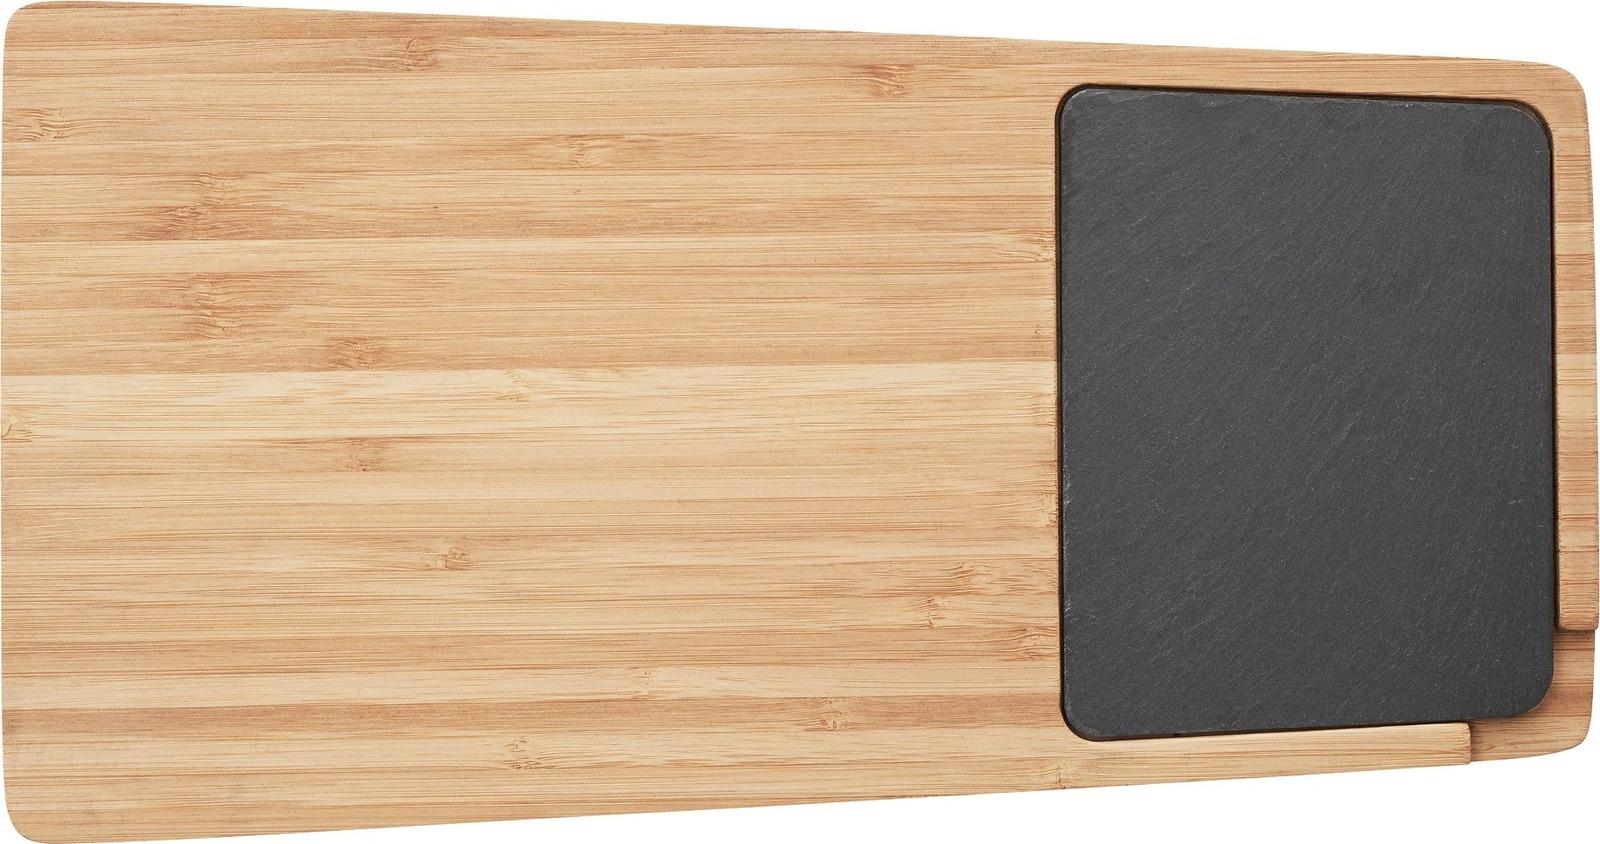 Сервировочный поднос Twin имеет невероятно стильный дизайн, что позволяет ему идеально вписываться в интерьер любого дома. Специальная ставка позволяет использовать поднос для подачи горячих блюд, а деревянная часть идеально подходит для резки продуктов.